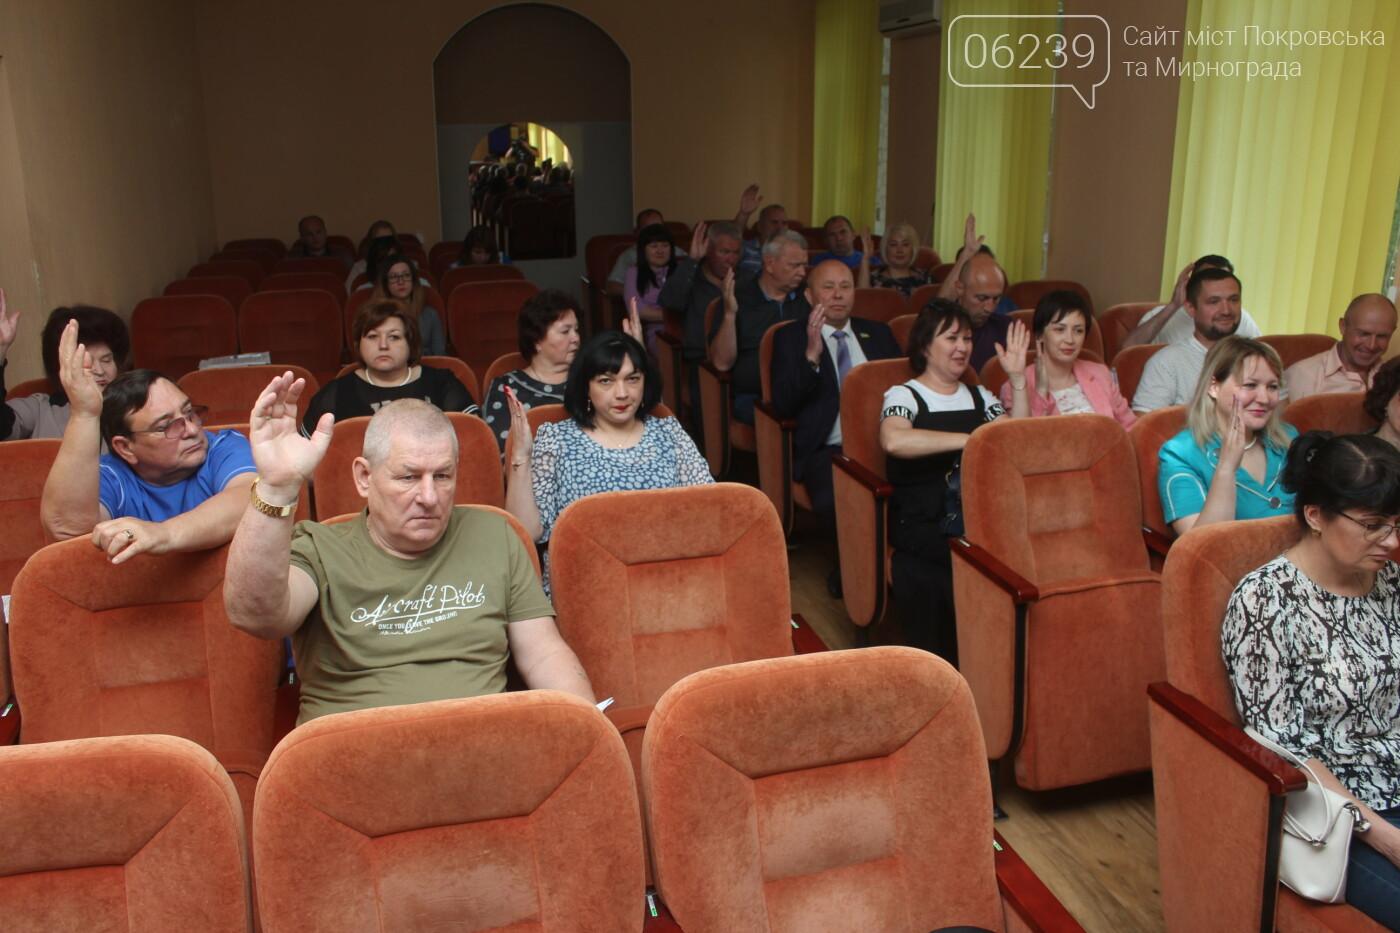 У мирноградского городского головы появится новый советник, фото-1